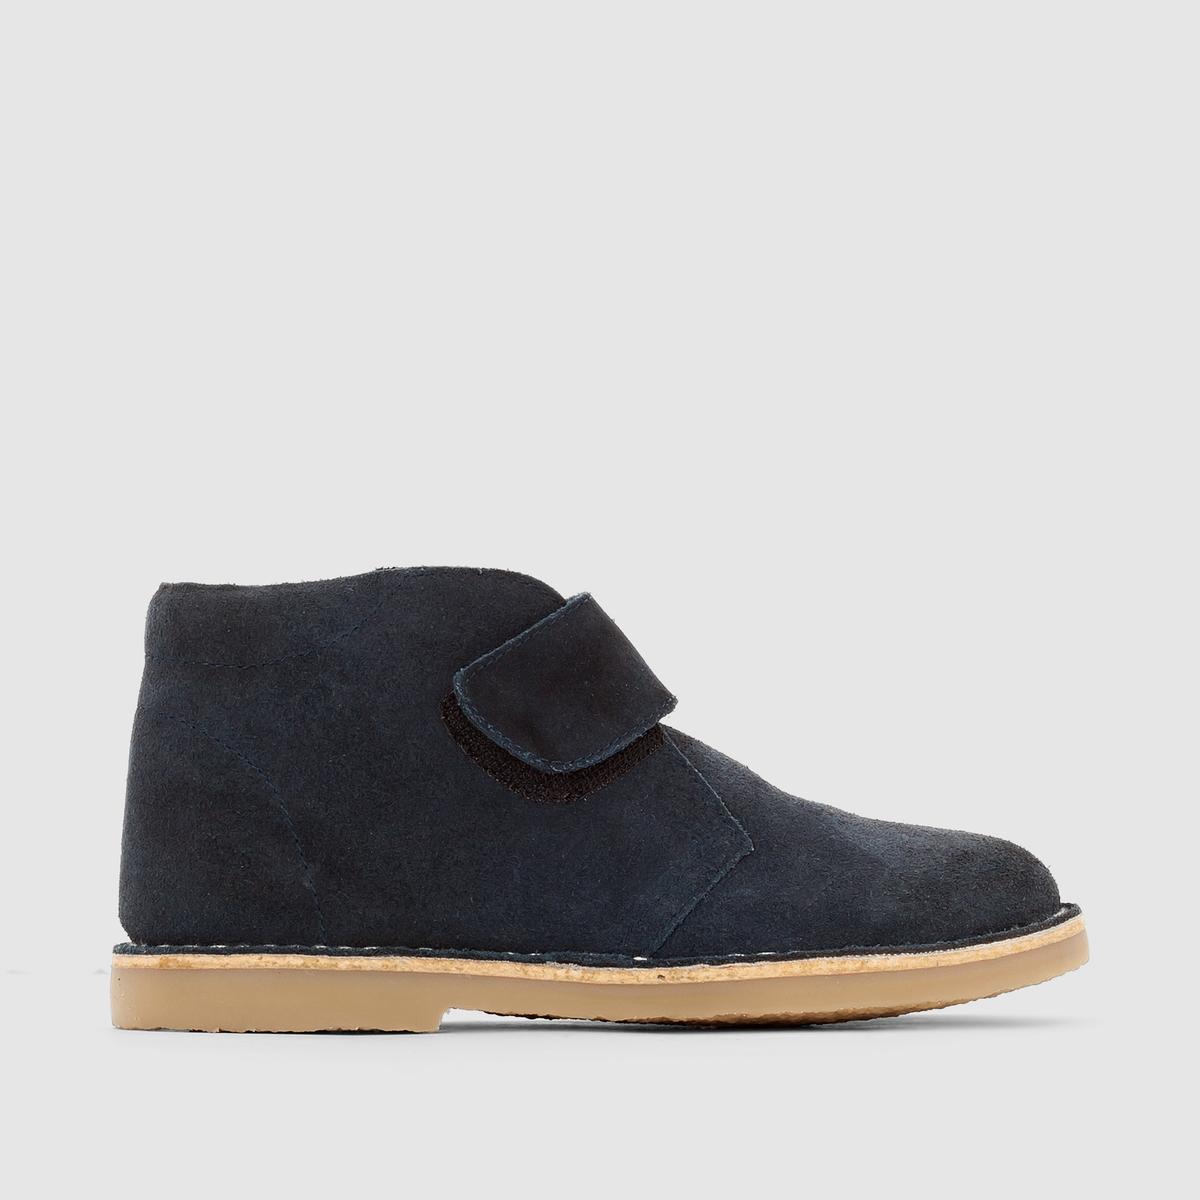 Ботинки кожаные с застежкой на планки-велкроПреимущества: удобные и стильные ботинки из спилка с застежкой на планки-велкро и имитацией каучука на подошве.<br><br>Цвет: темно-синий<br>Размер: 29